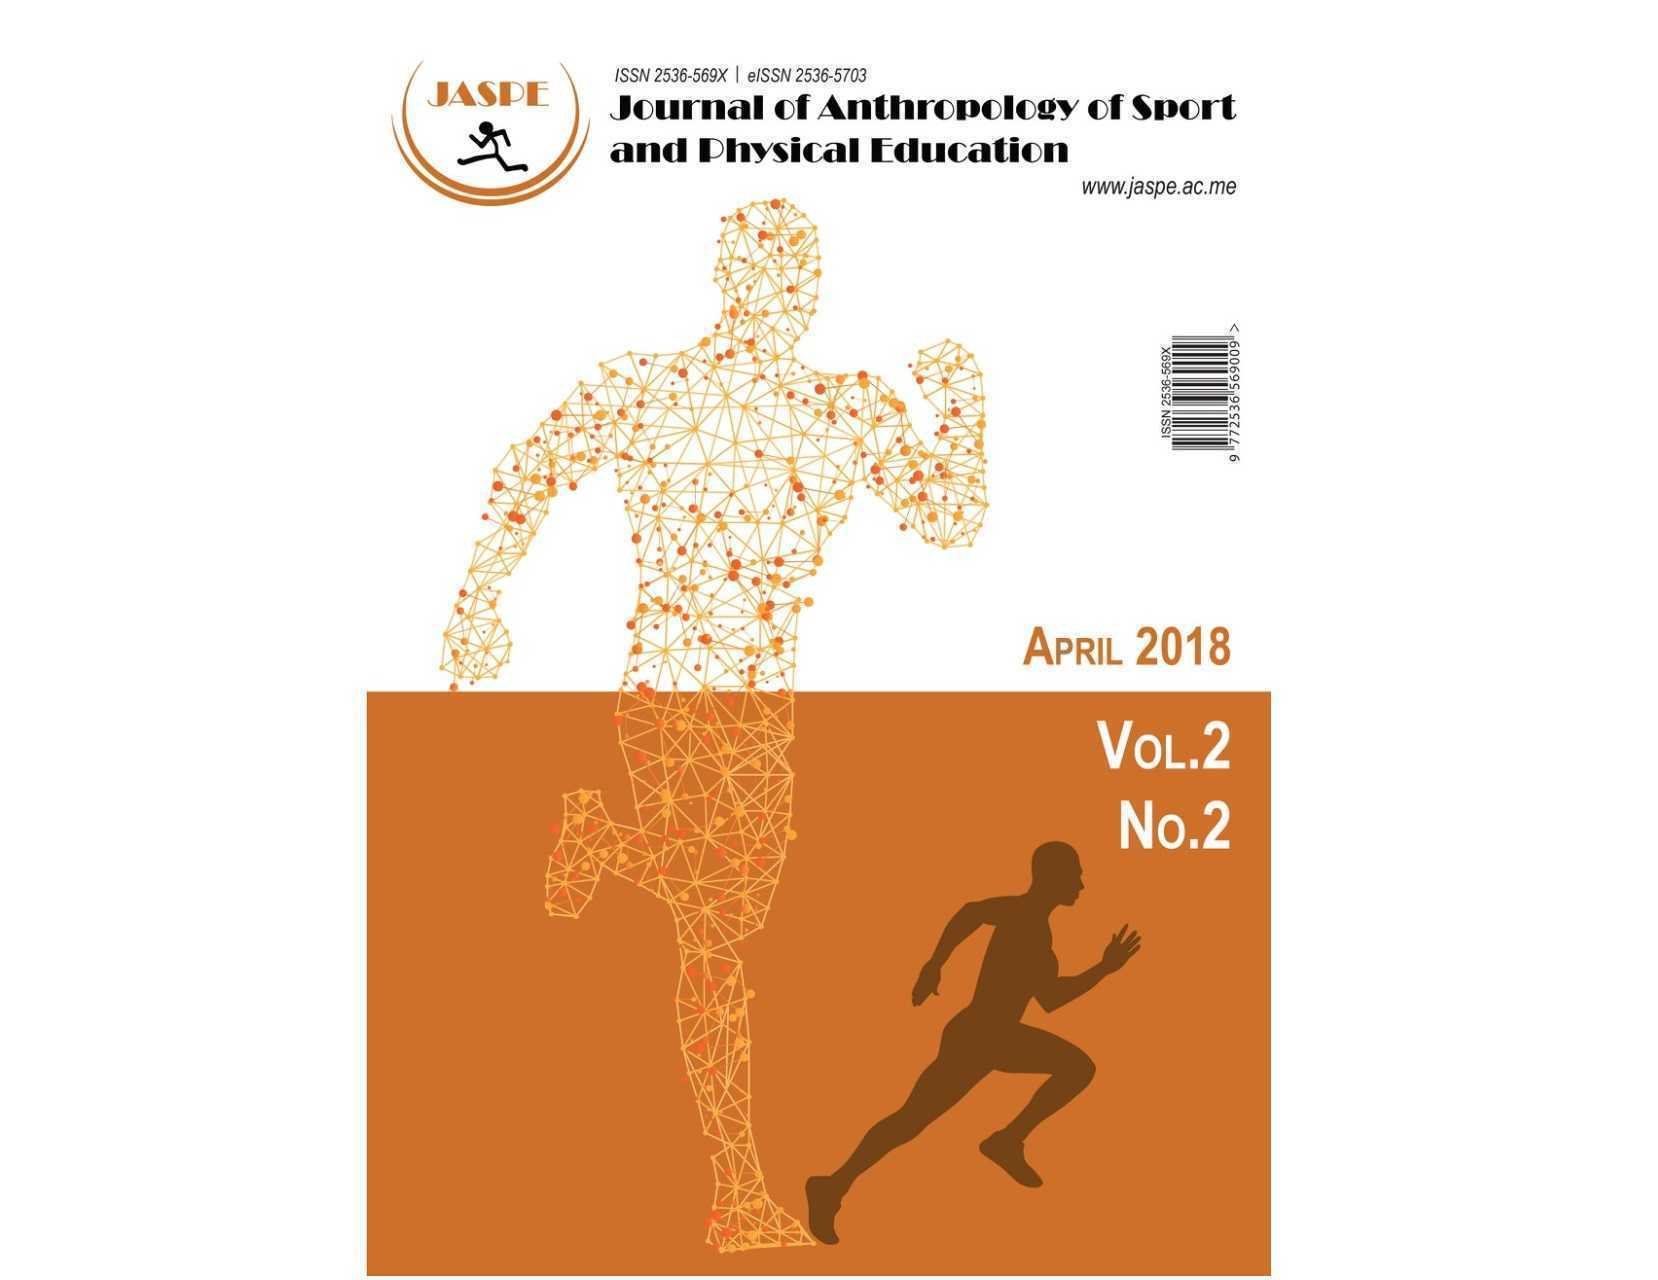 Aprilsko izdanje međunarodnog naučnog časopisa JASPE